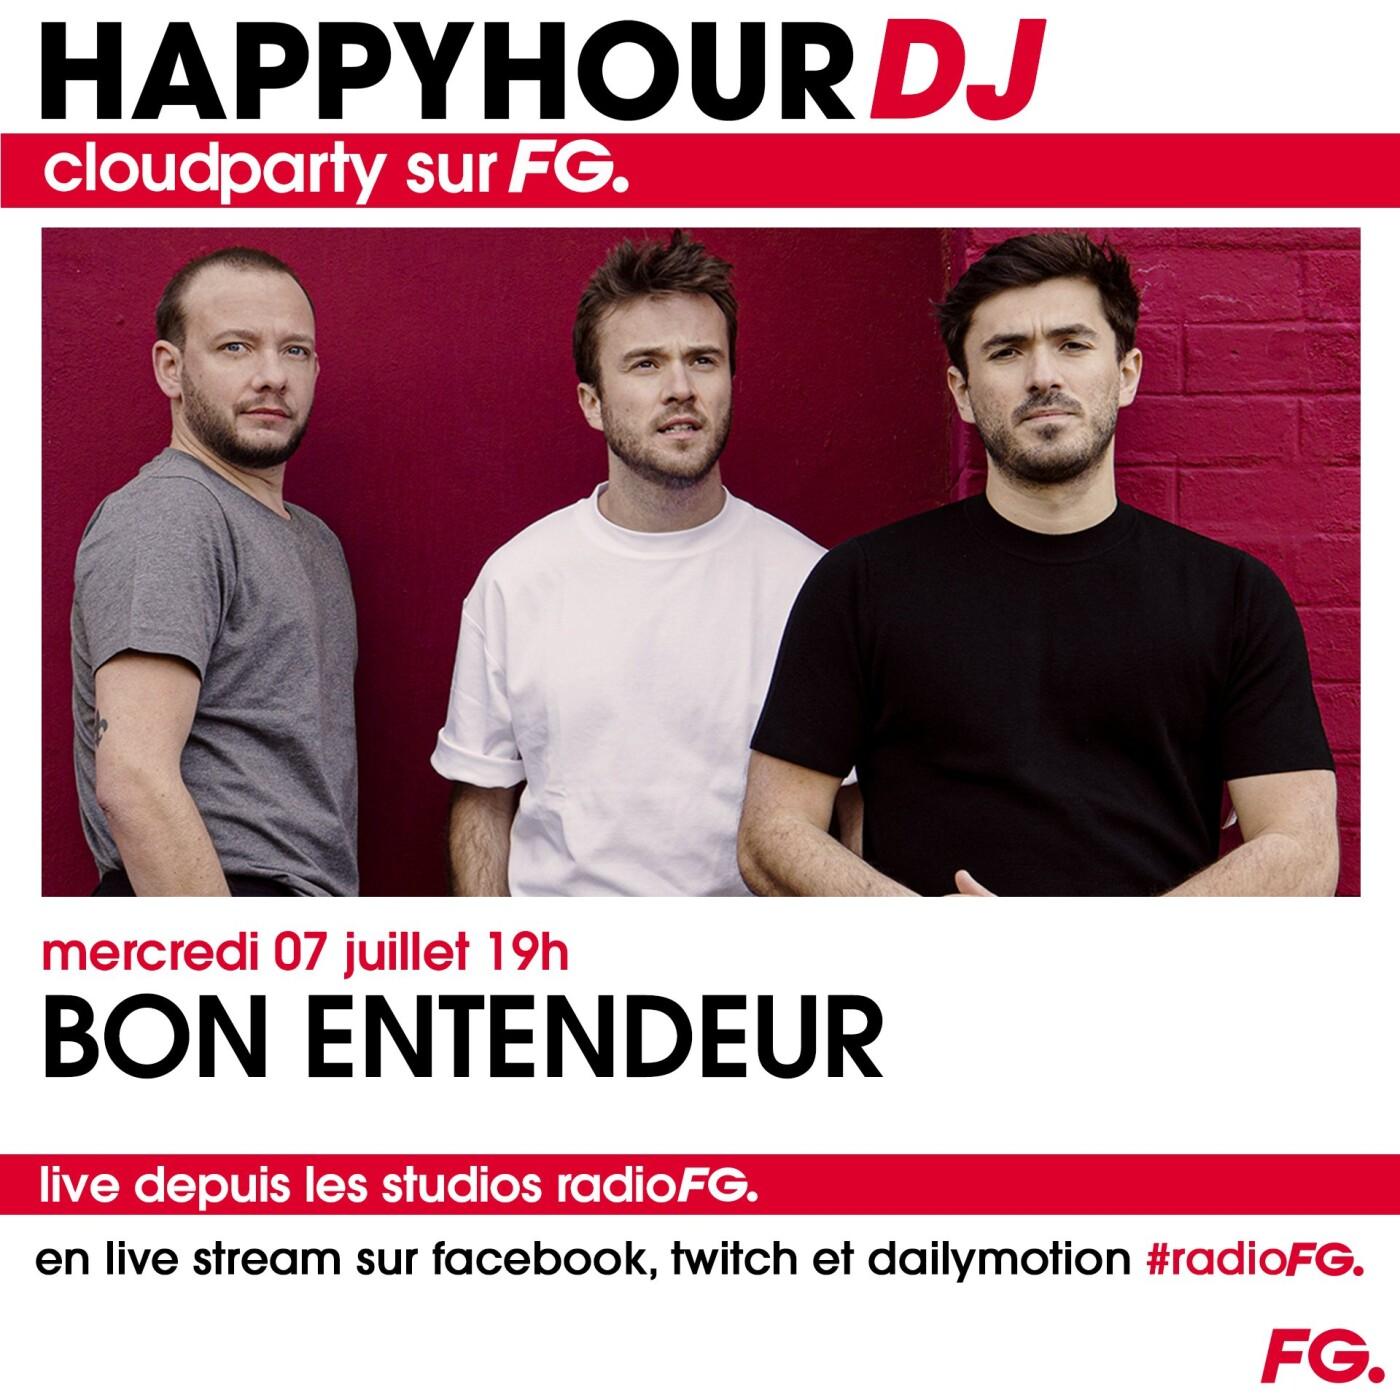 HAPPY HOUR DJ : BON ENTENDEUR